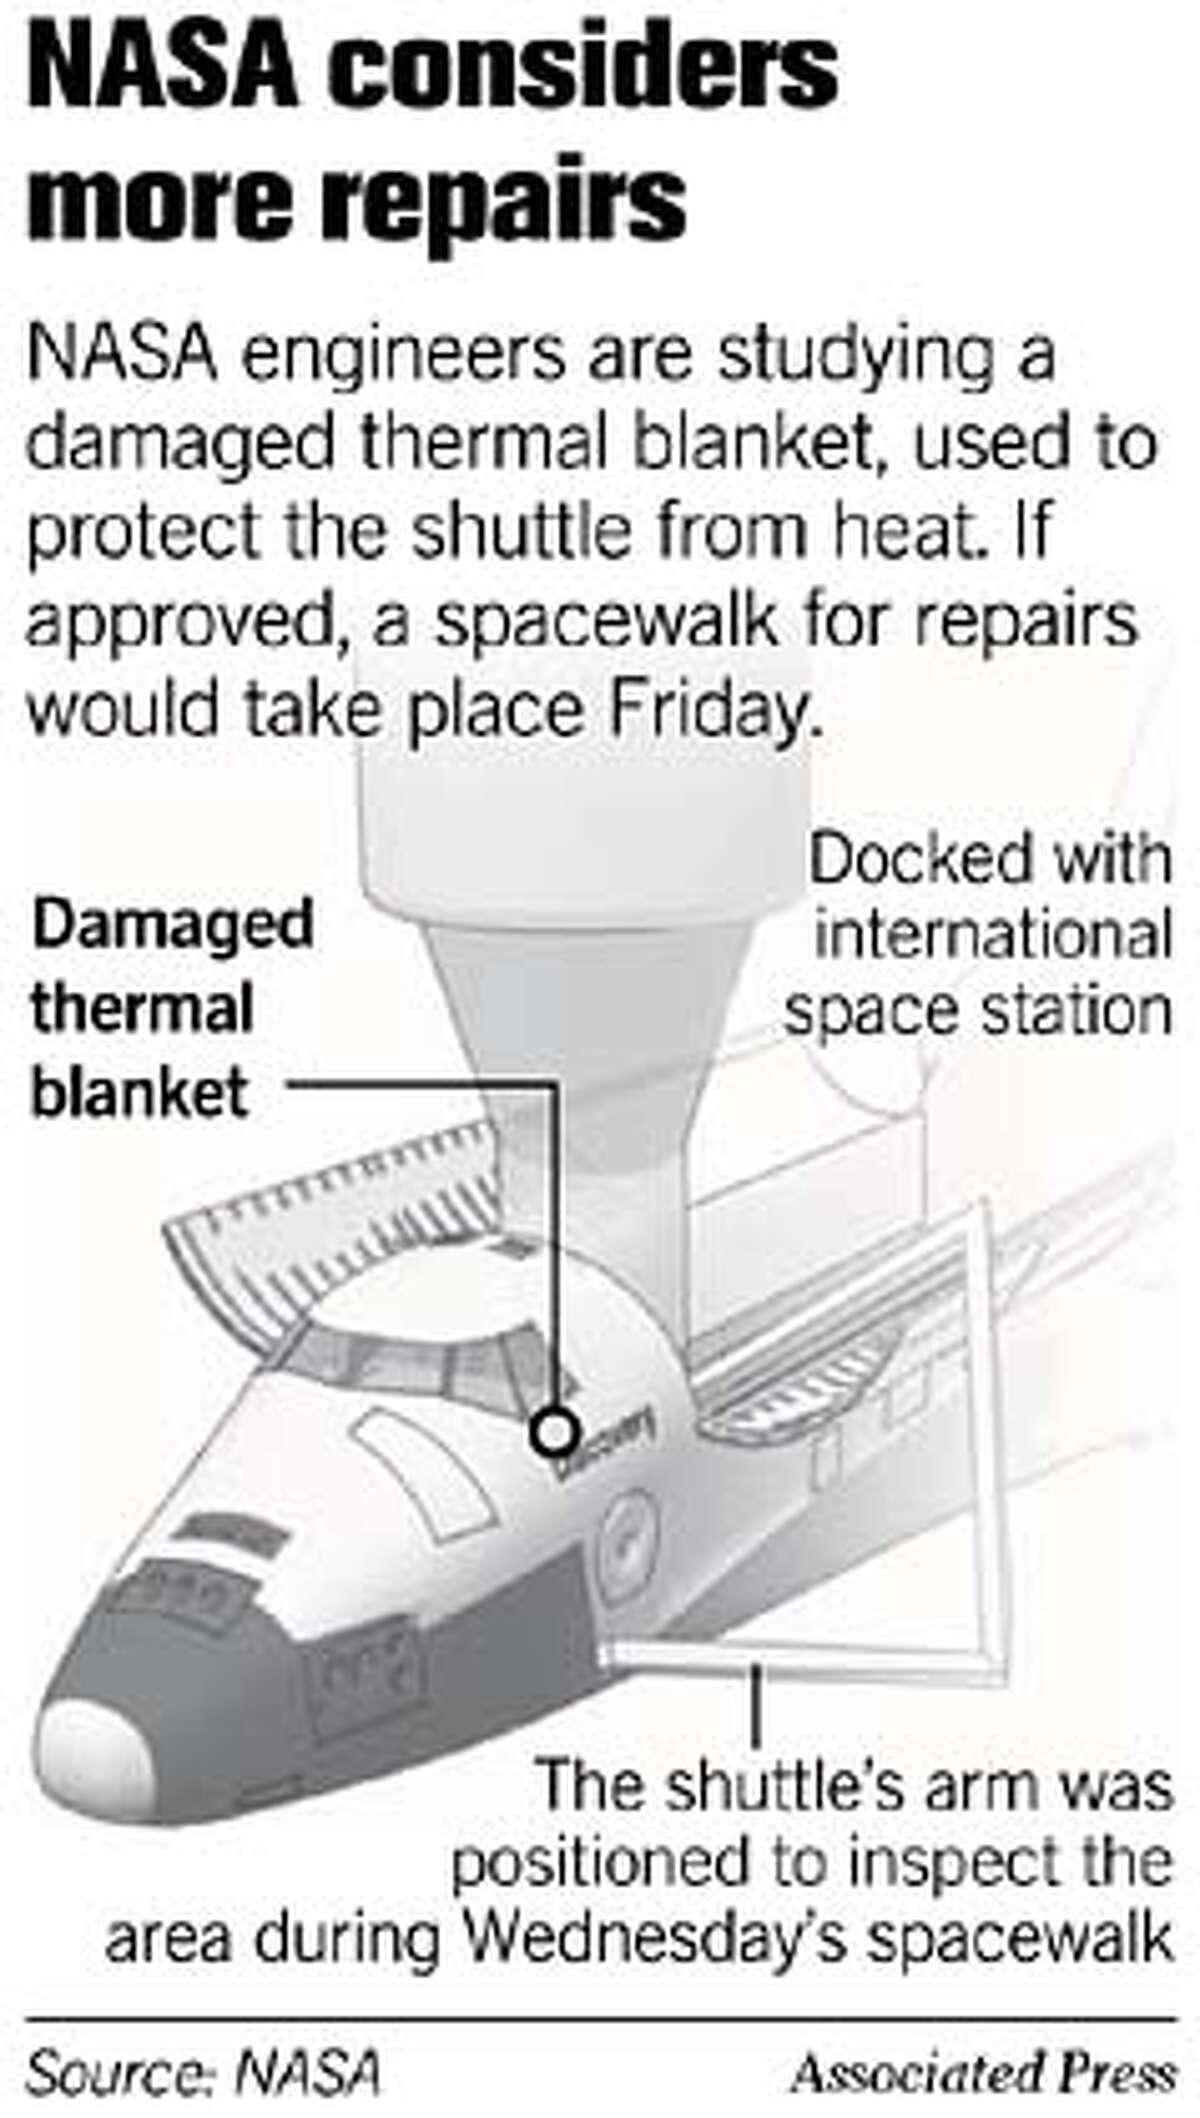 NASA considers more repairs. Associated Press Graphic